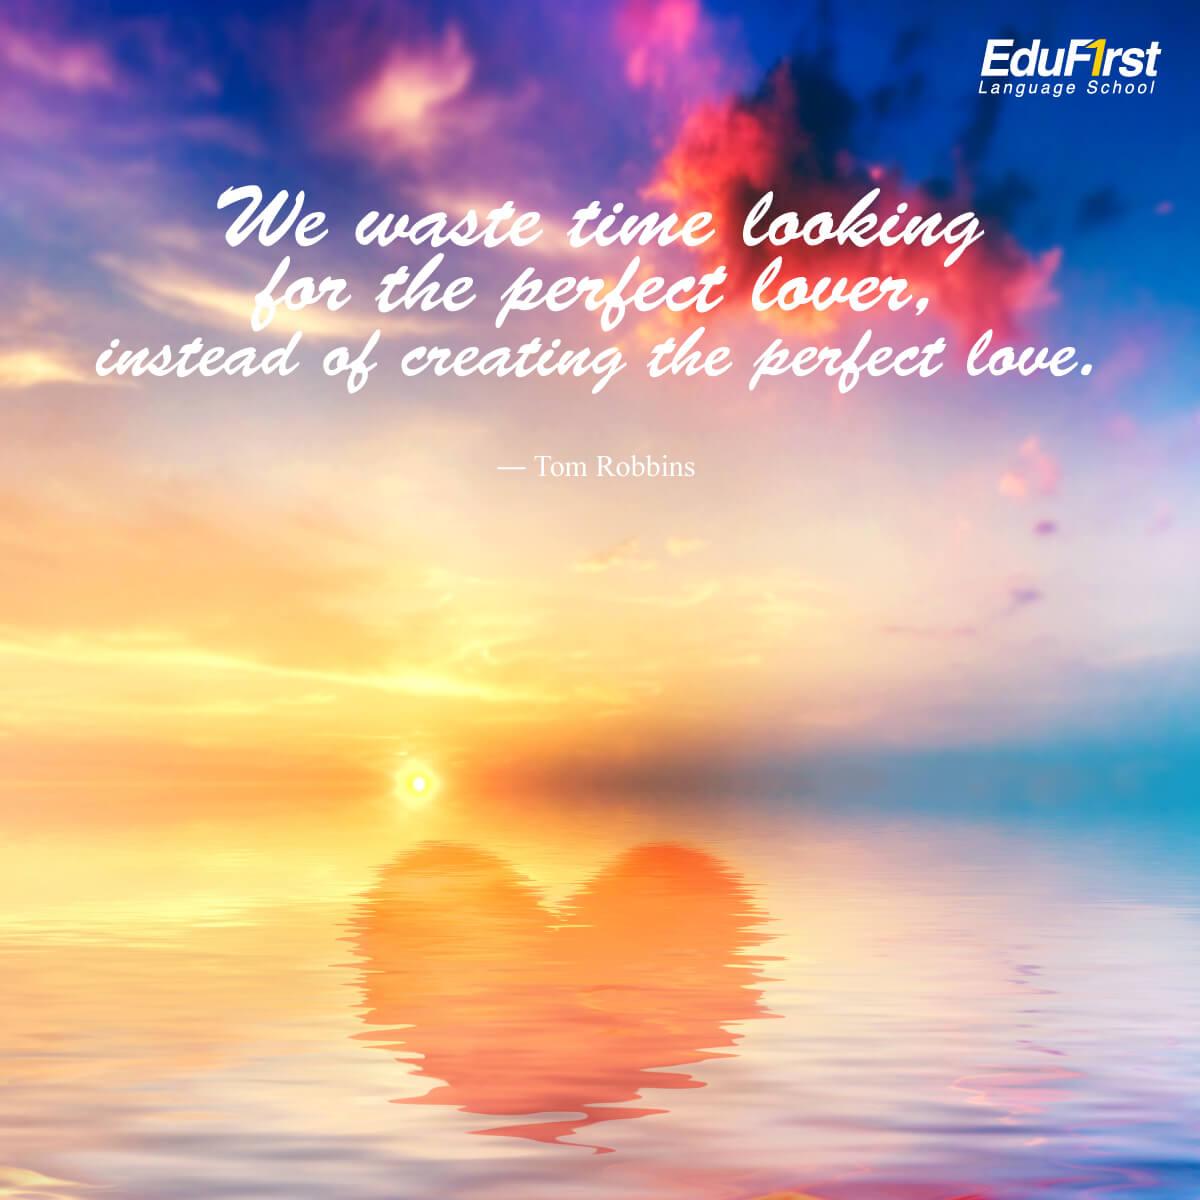 คำคมความรักภาษาอังกฤษ We waste time looking for the perfect lover, instead of creating the perfect love. - เรียนภาษาอังกฤษ จากคำคม โรงเรียนสอนภาษาอังกฤษ EduFirst